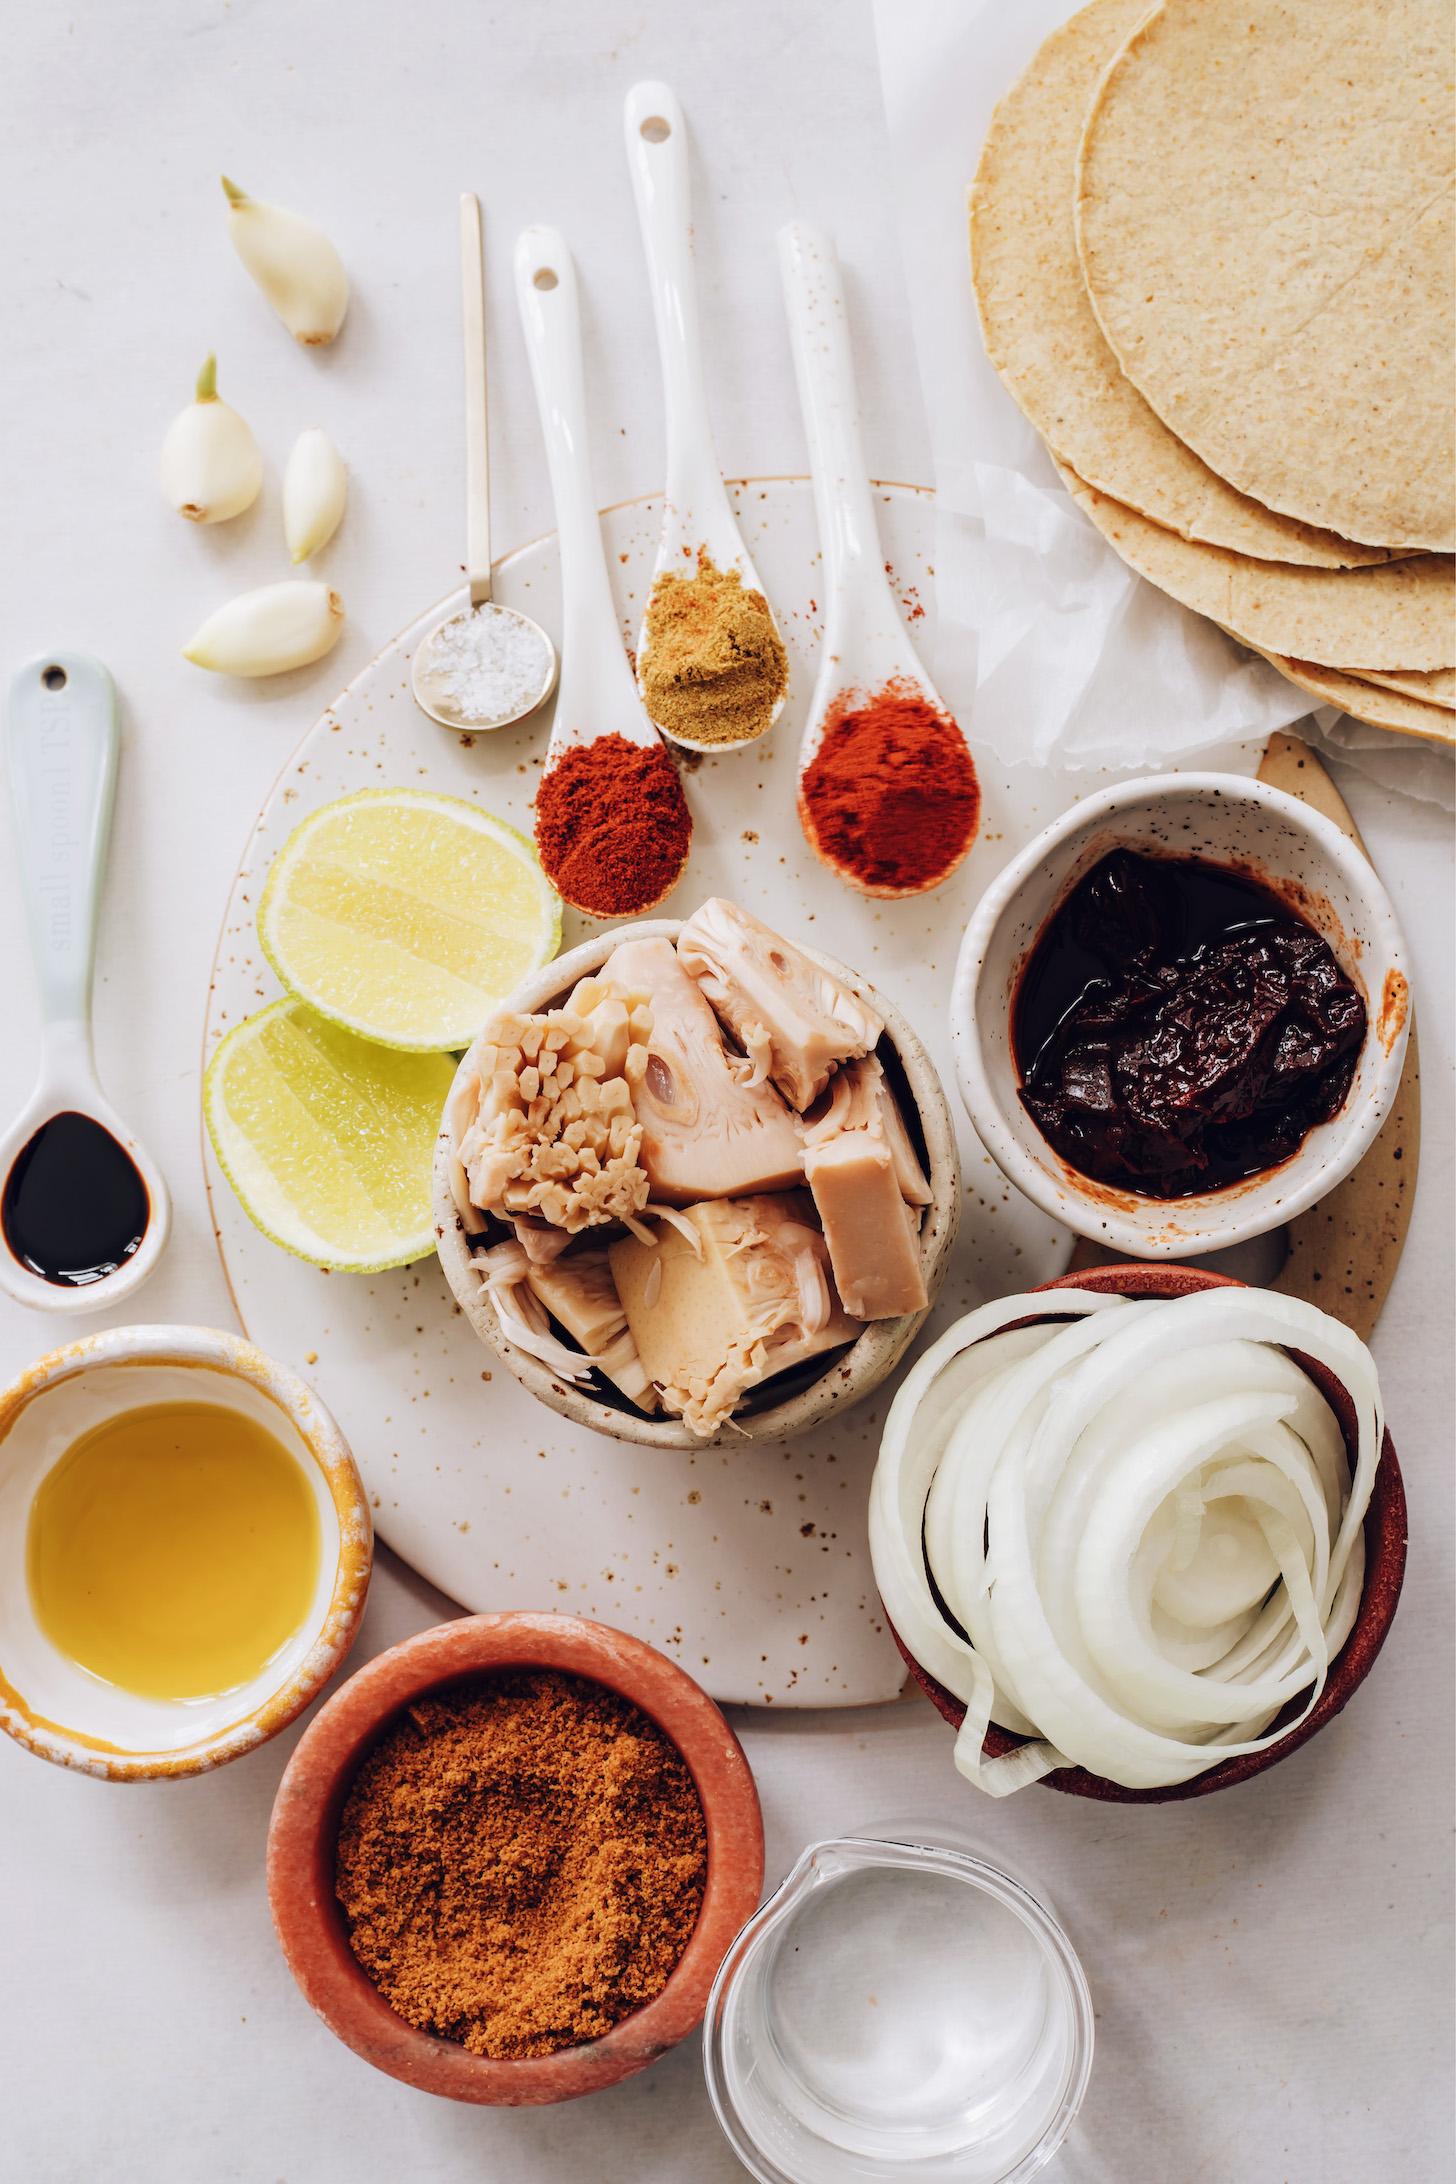 Fokhagyma, só, lime, fűszerek, jackfruit, adobo bors, hagyma, kukorica tortilla, víz, olaj és kókuszos aminosavak